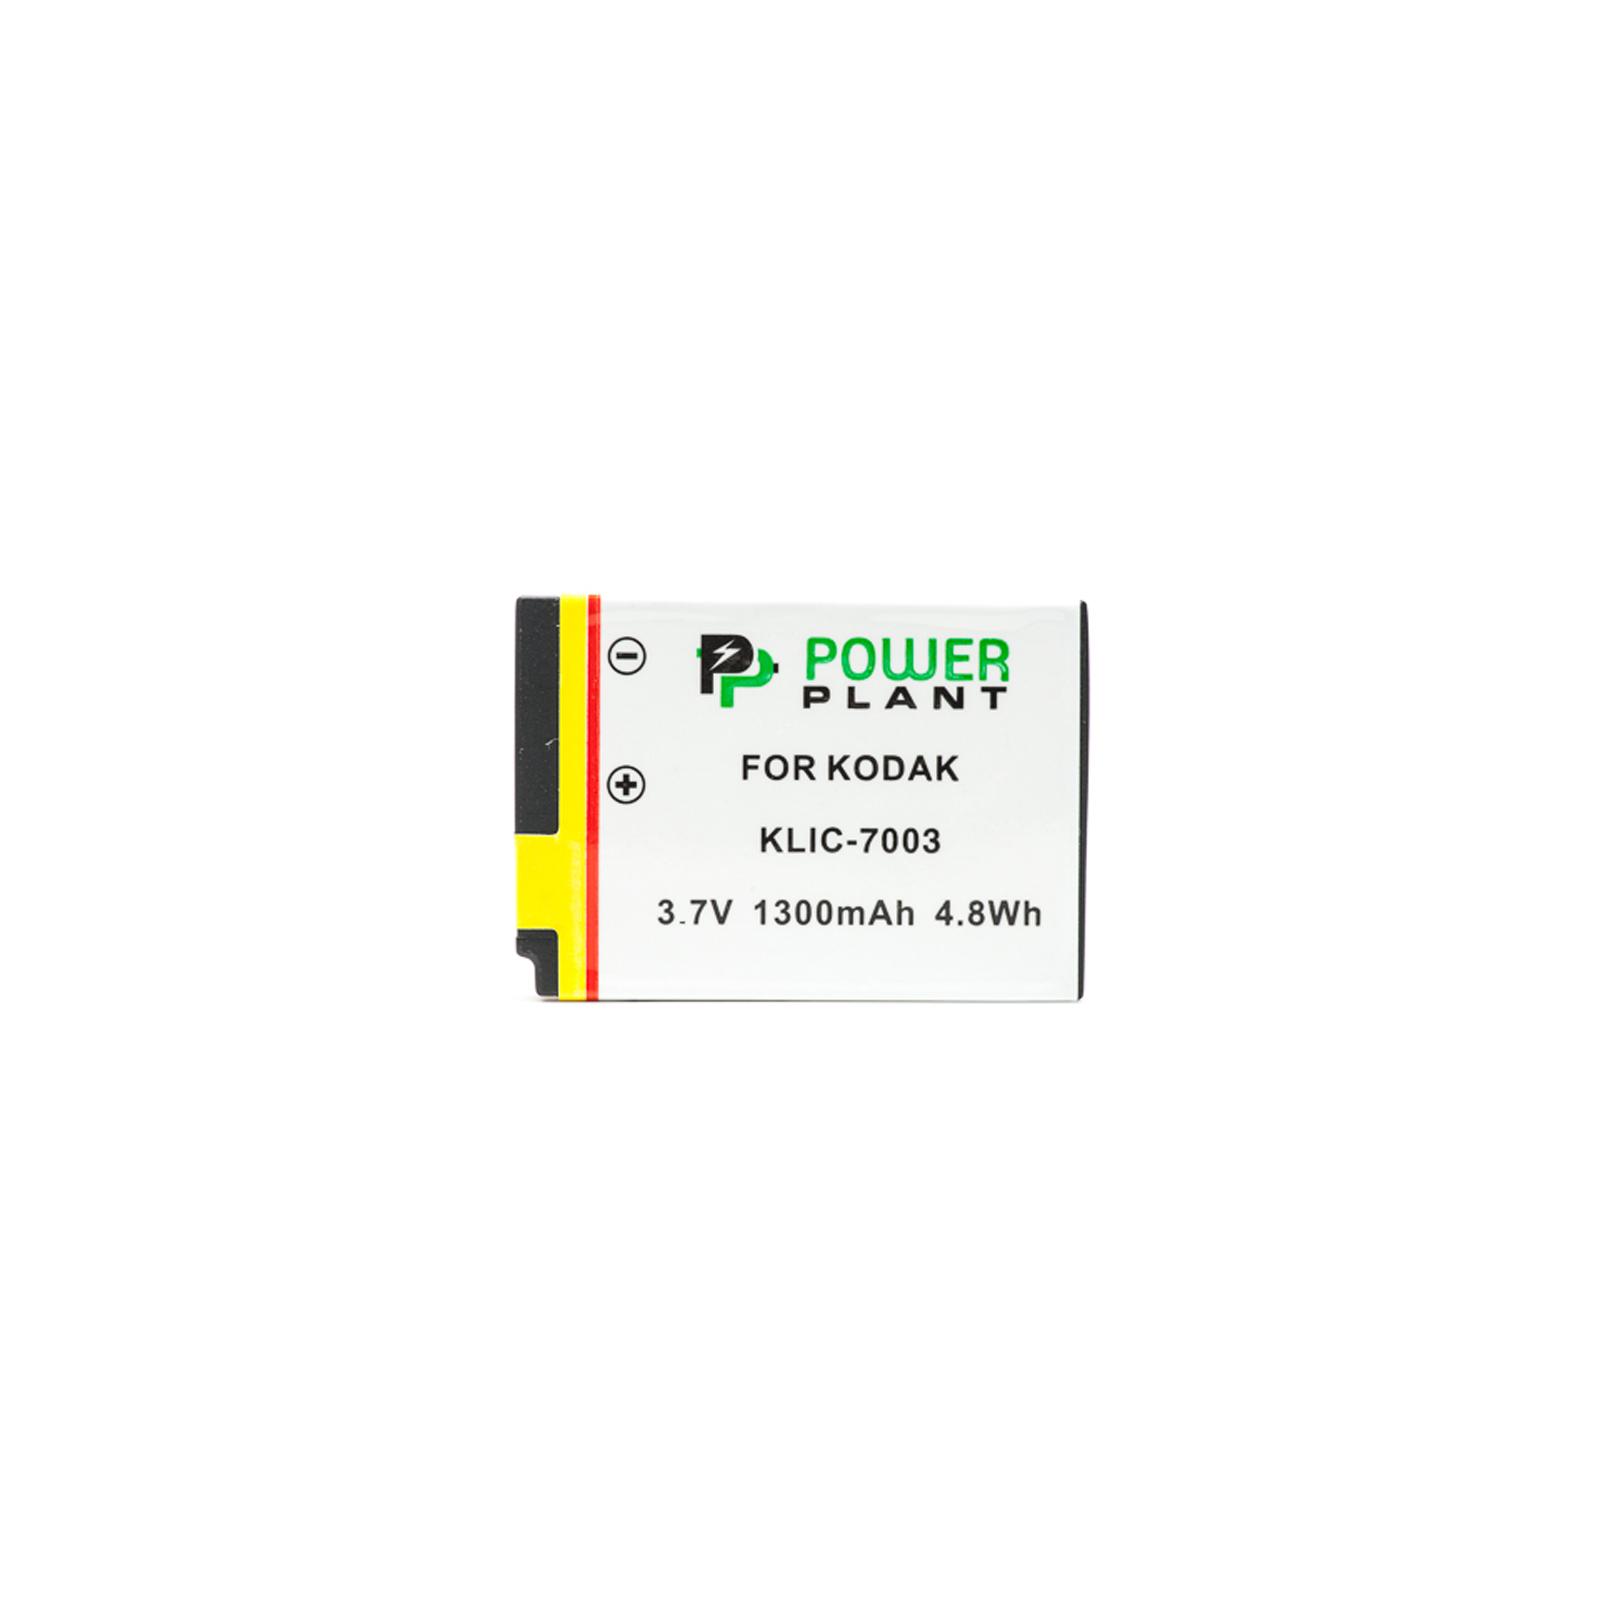 Аккумулятор к фото/видео PowerPlant Kodak KLIC-7003 (DV00DV1220) изображение 2